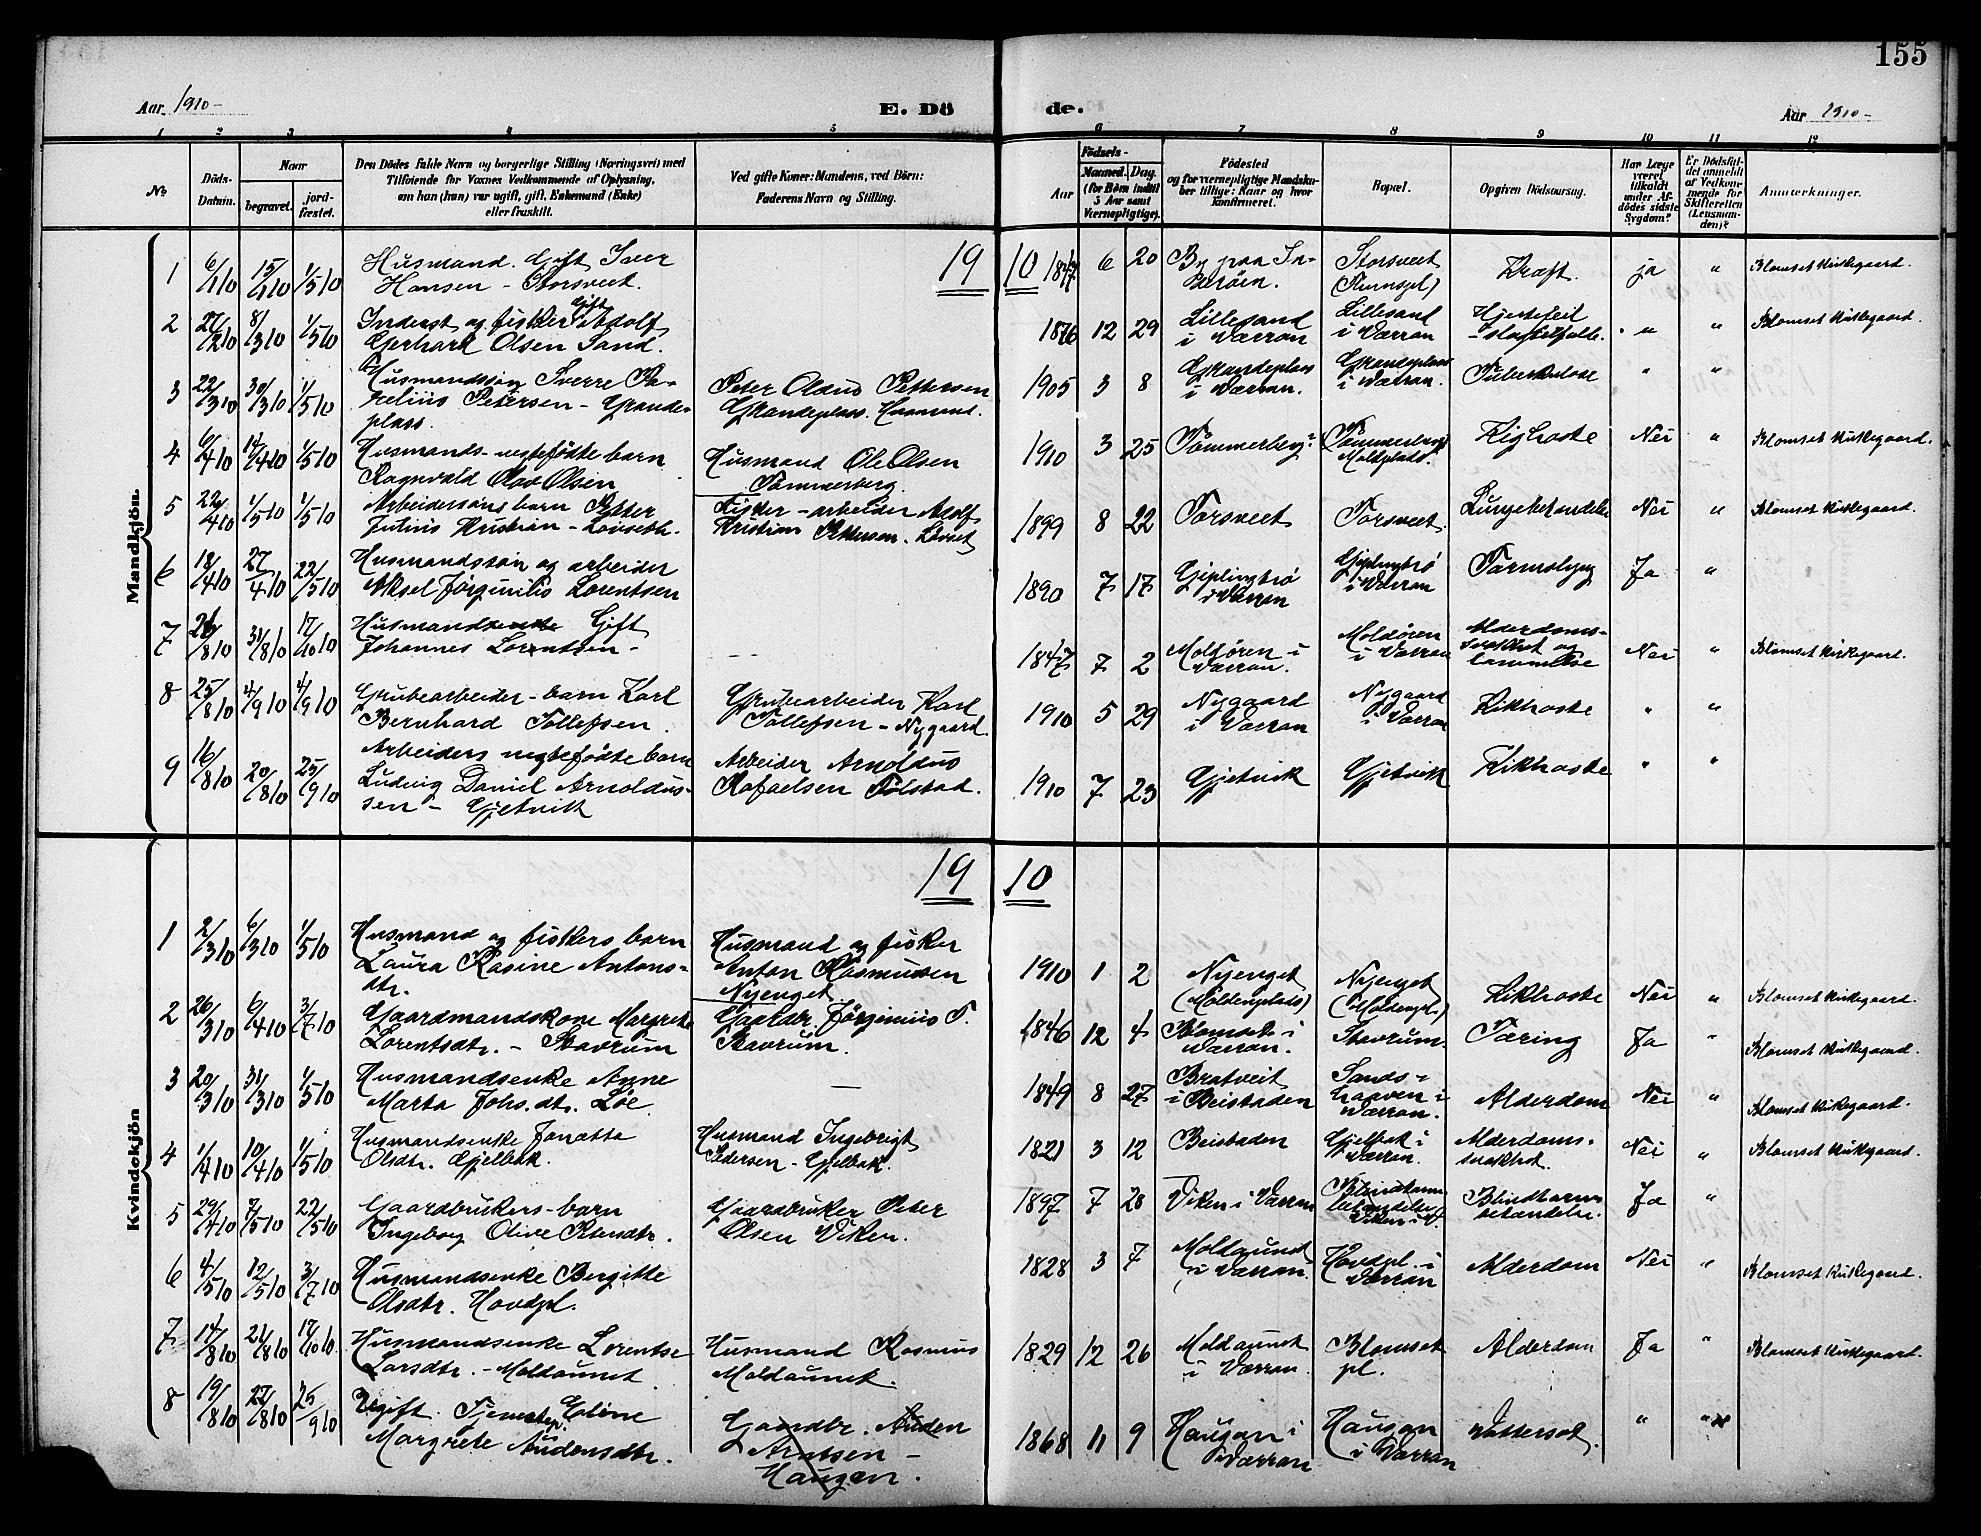 SAT, Ministerialprotokoller, klokkerbøker og fødselsregistre - Nord-Trøndelag, 744/L0424: Klokkerbok nr. 744C03, 1906-1923, s. 155